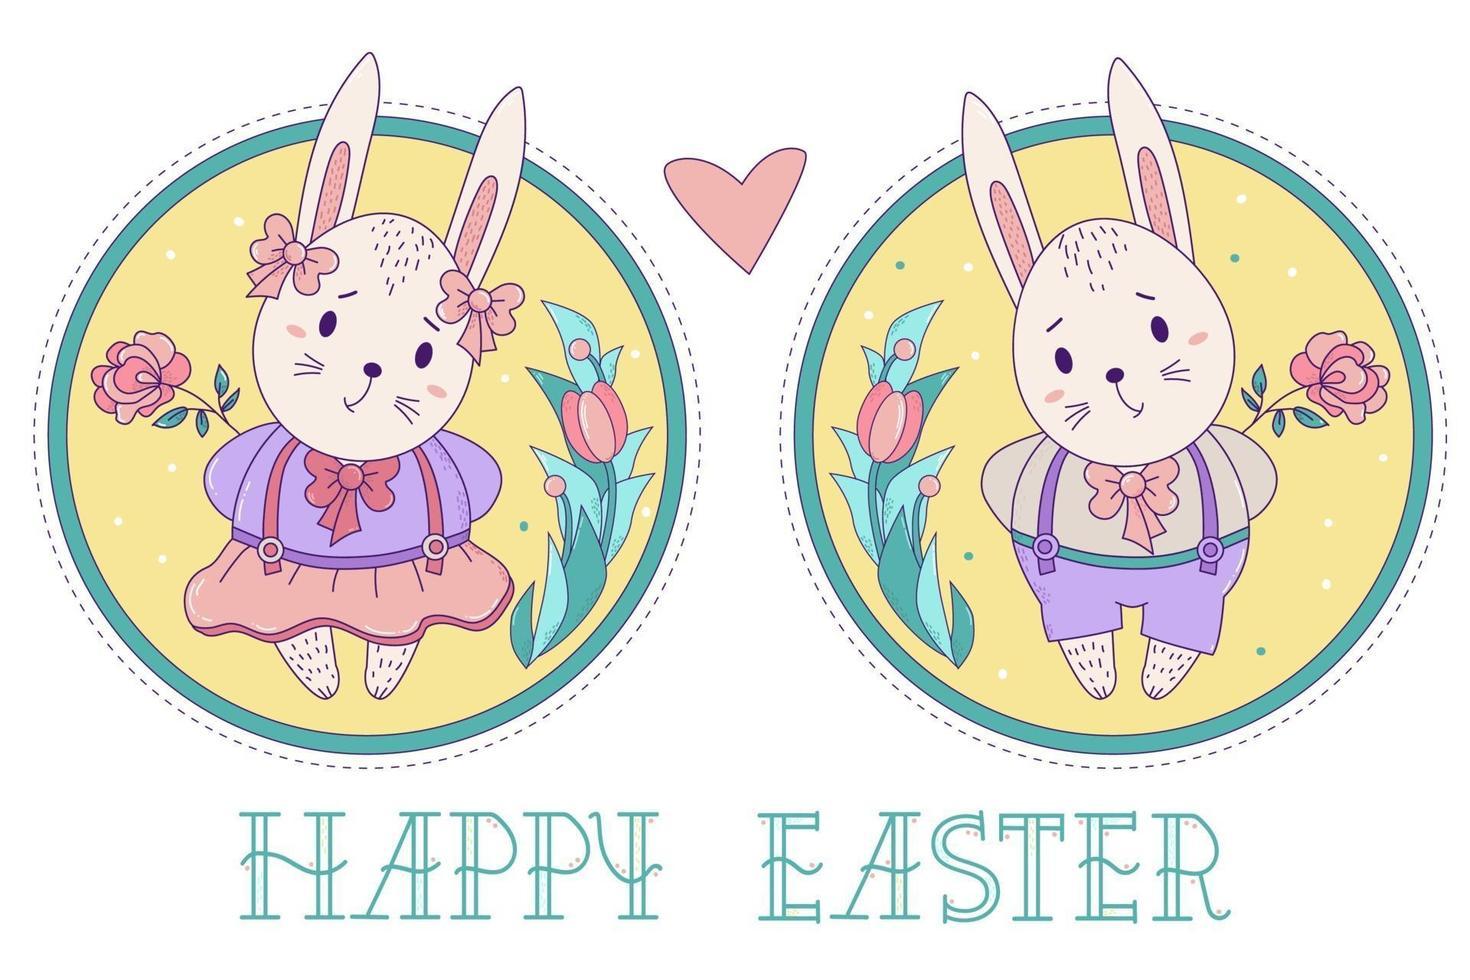 ett par söta kaniner. påskkaninflicka i kjol och en pojke i shorts med en ros på en dekorativ rund bakgrund med en bukett blommor. vektor illustration. glad påsk gratulationskort